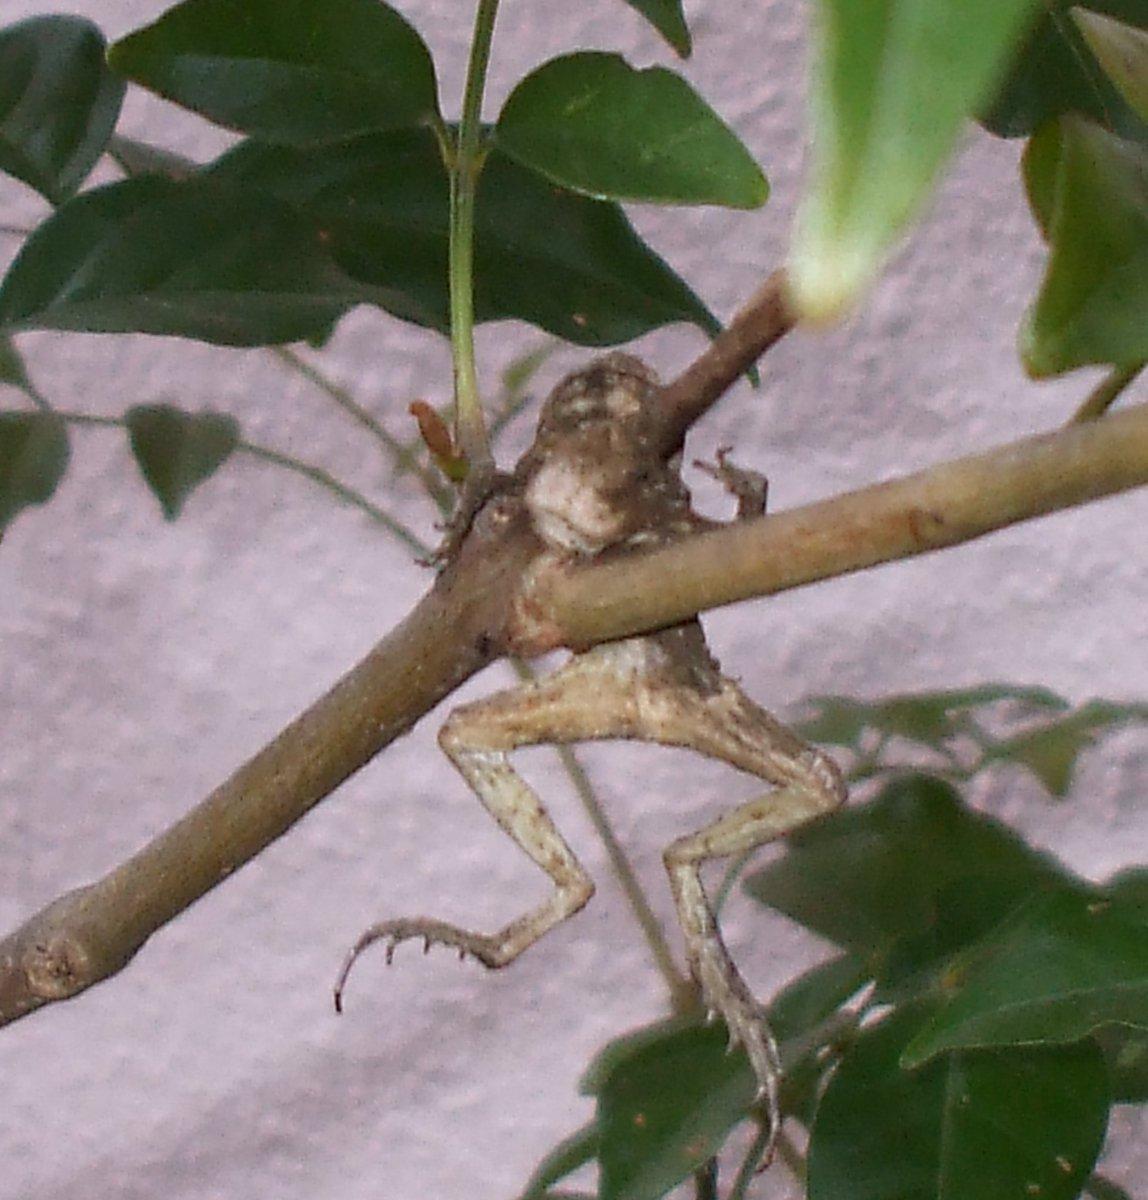 やっと京都も涼しくなってきた。妻の遺品を整理していたら、奇怪な写真が出てきた。干上がったカエルが一匹わが家の庭木にぶら下がっている。これを「モズのはやにえ」というそうだが、こんな珍しい自然の不思議が近場にあったとは意外や意外。彼女は何を思ってシャッターを切ったか知る由もないが…。